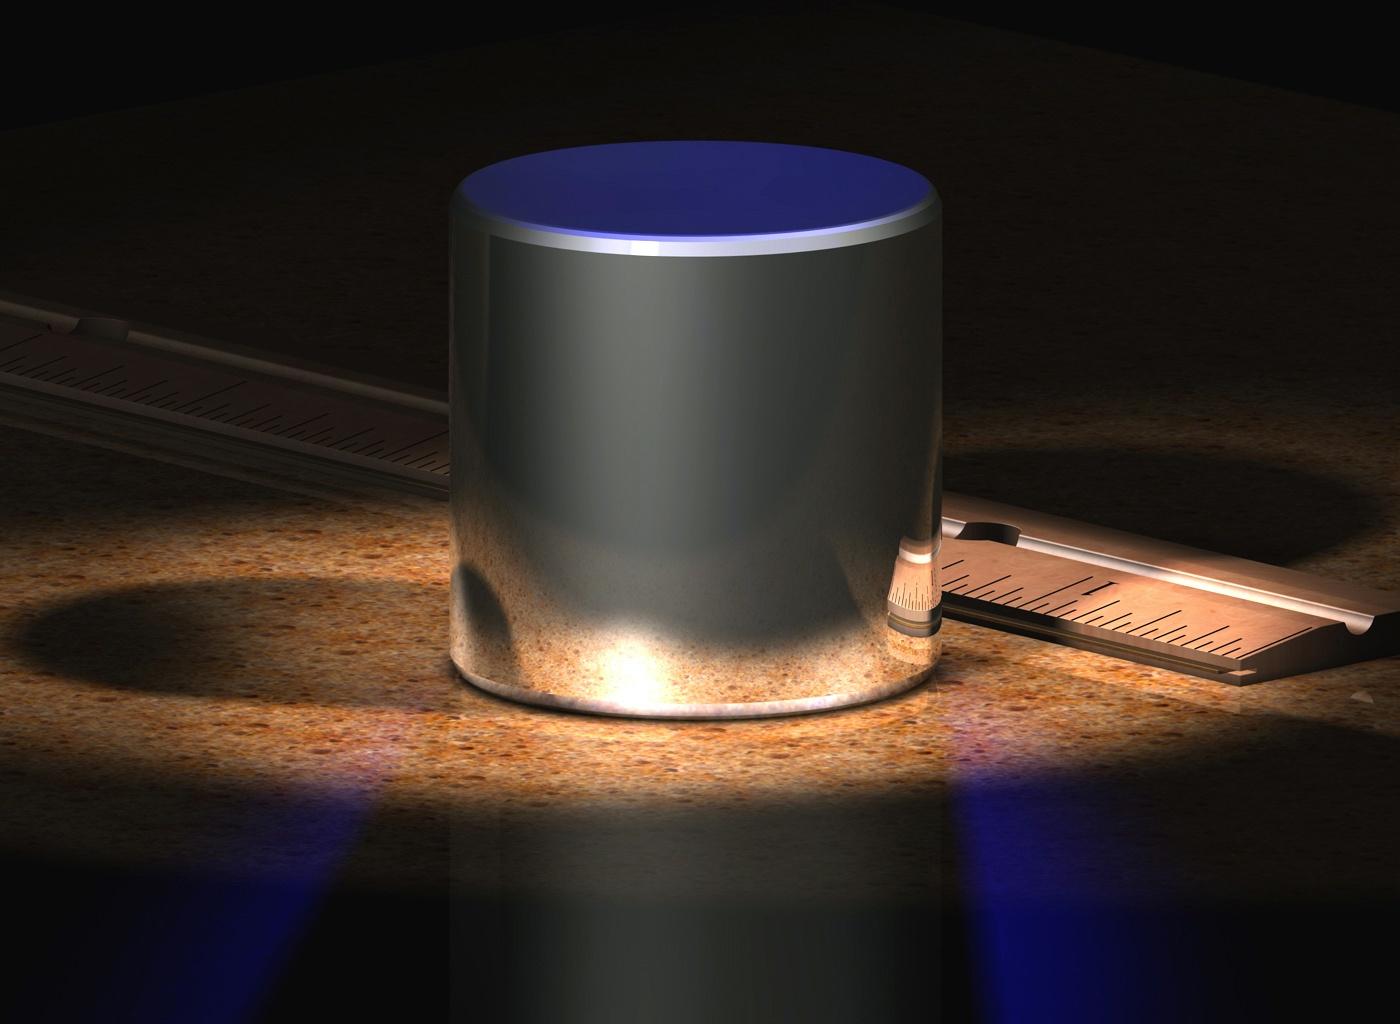 Пересмотр системы единиц СИ: новые определения ампера, килограмма, кельвина и моля - 2